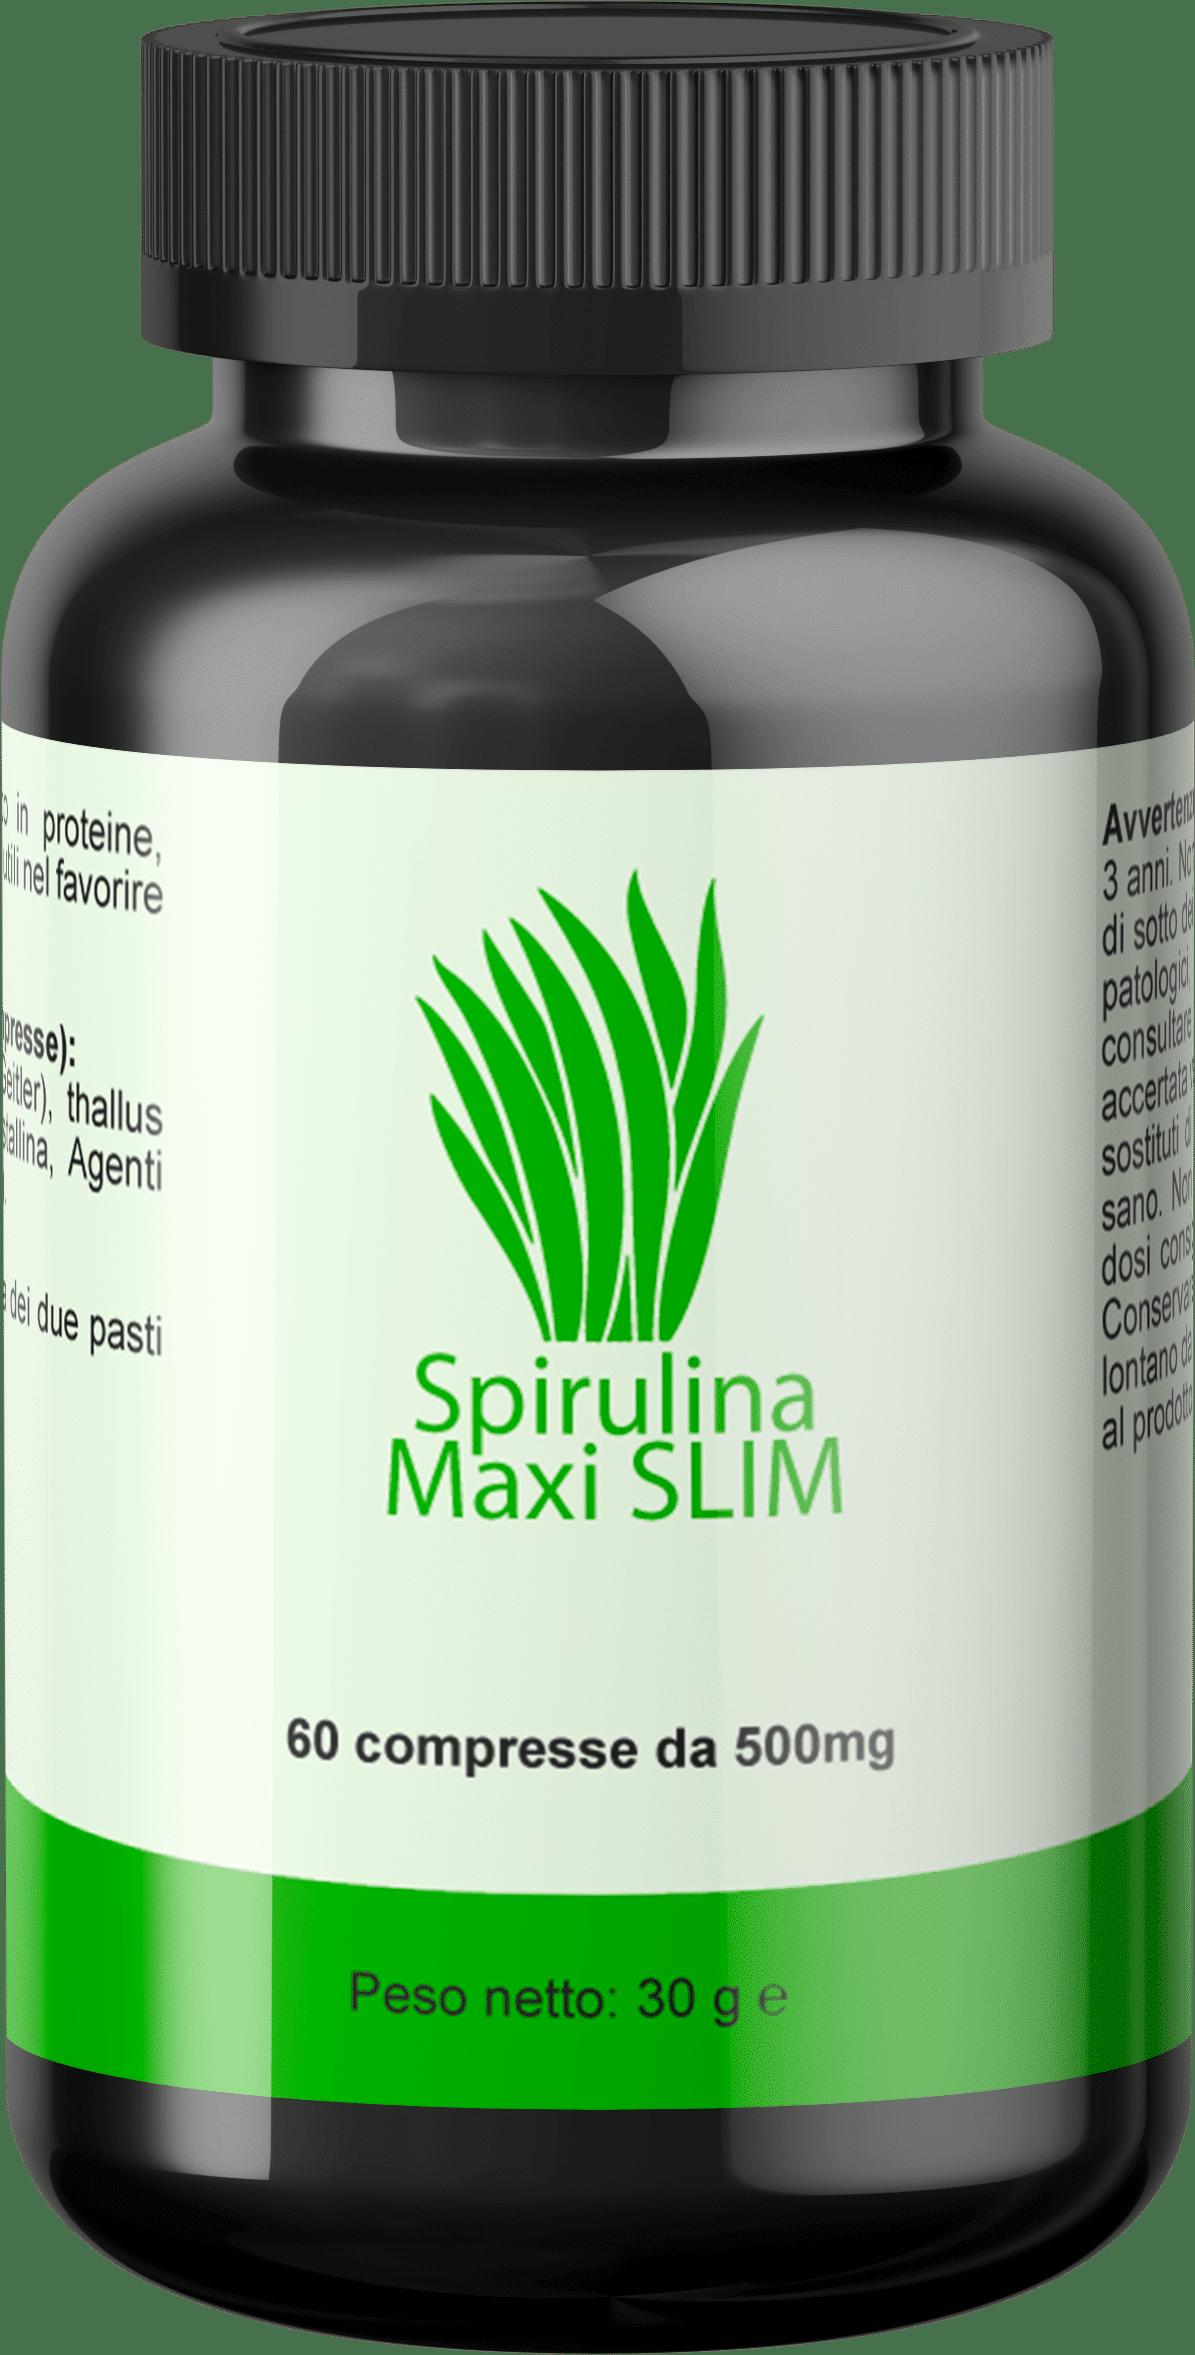 opiniones y consideraciones finales sobre maxi slim spirulina